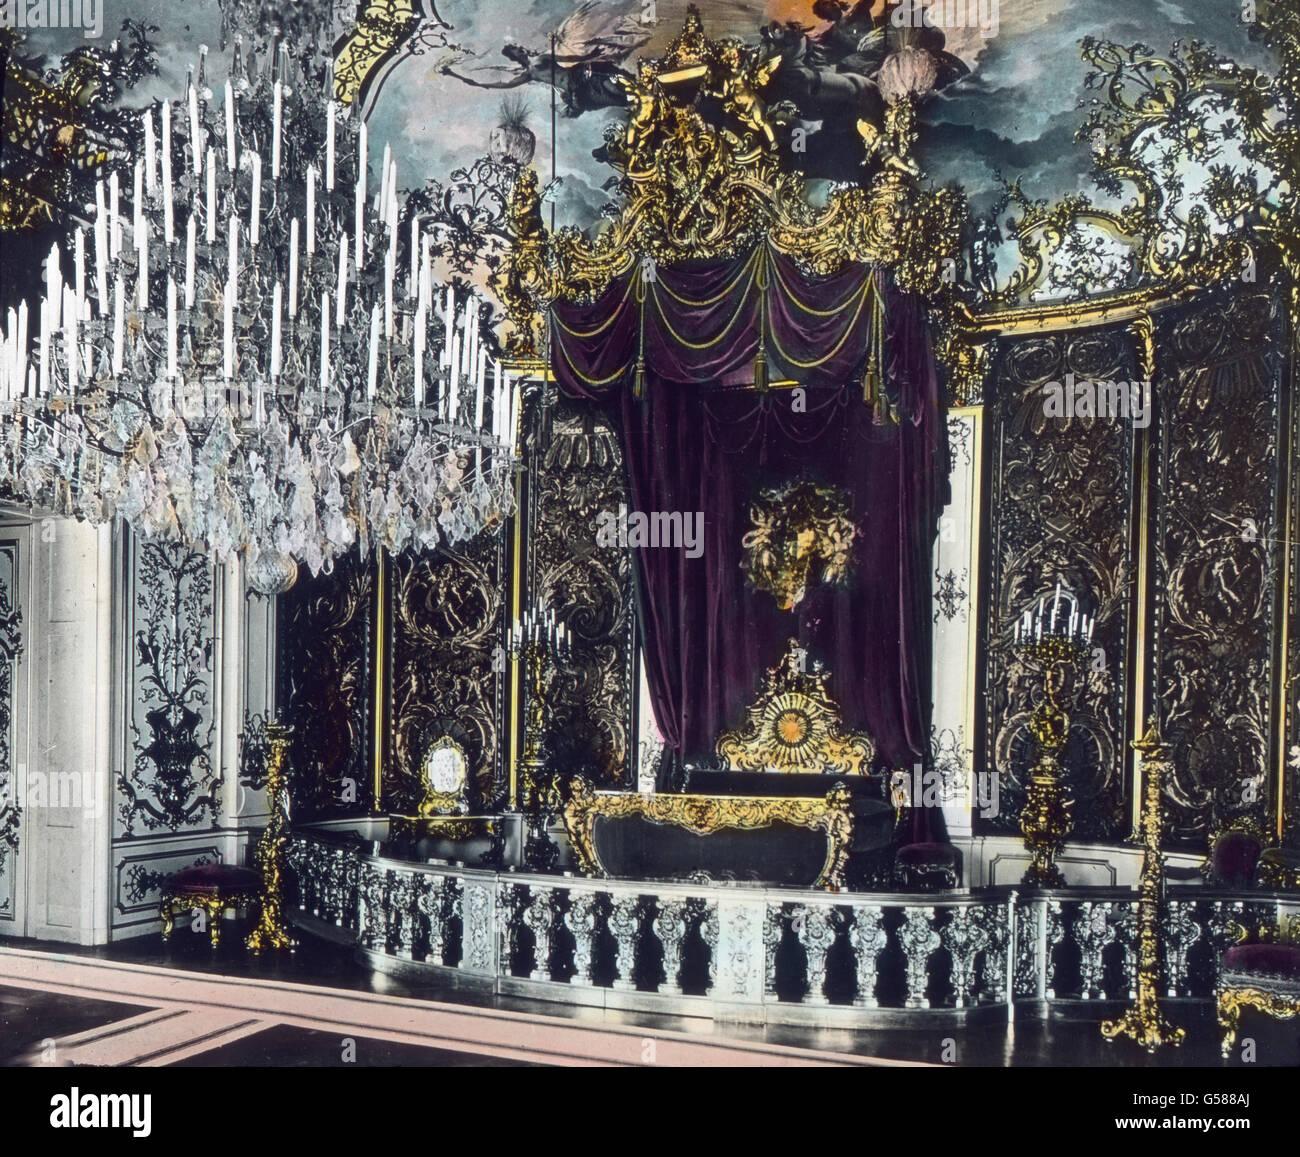 Die Spiegelgalerie In Schloss Linderhof Wurde In Den Letzten Stock Photo Alamy